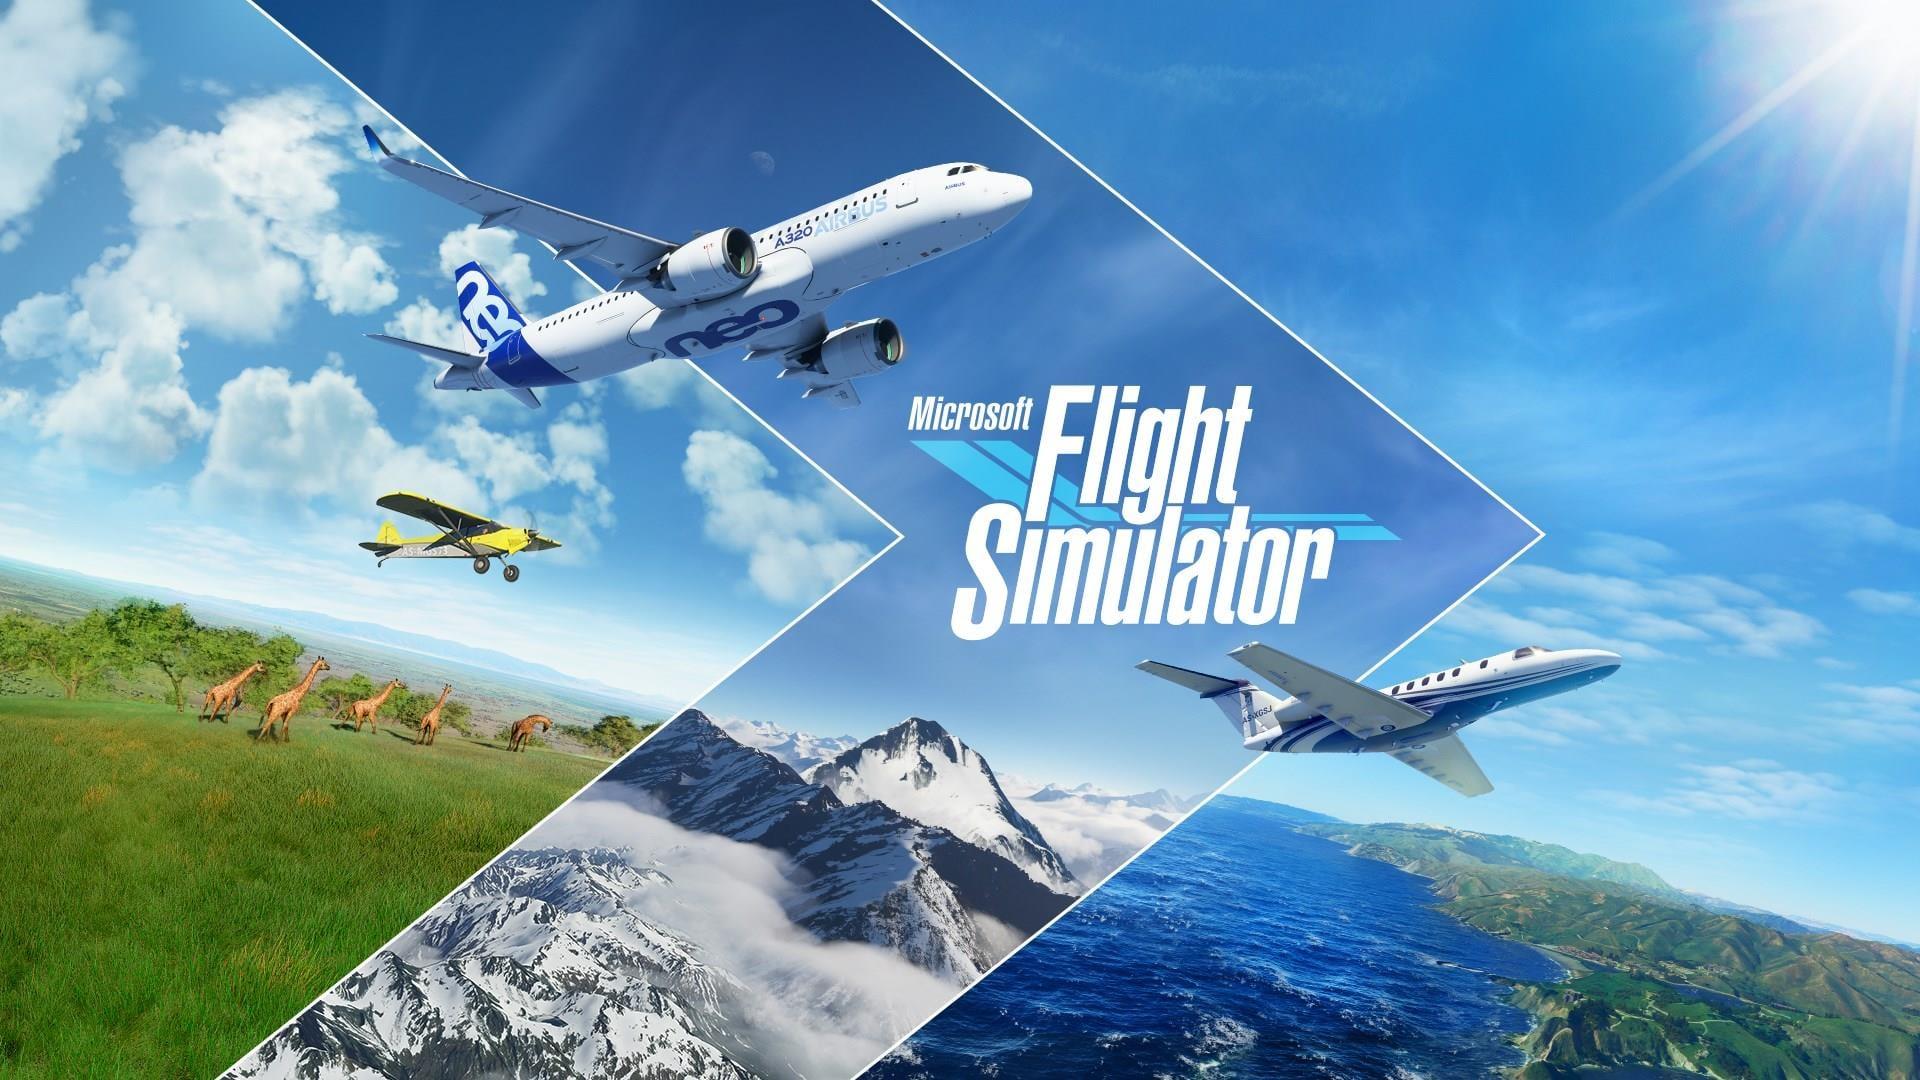 Microsoft Flight Simulator ~ TitledHeroArt